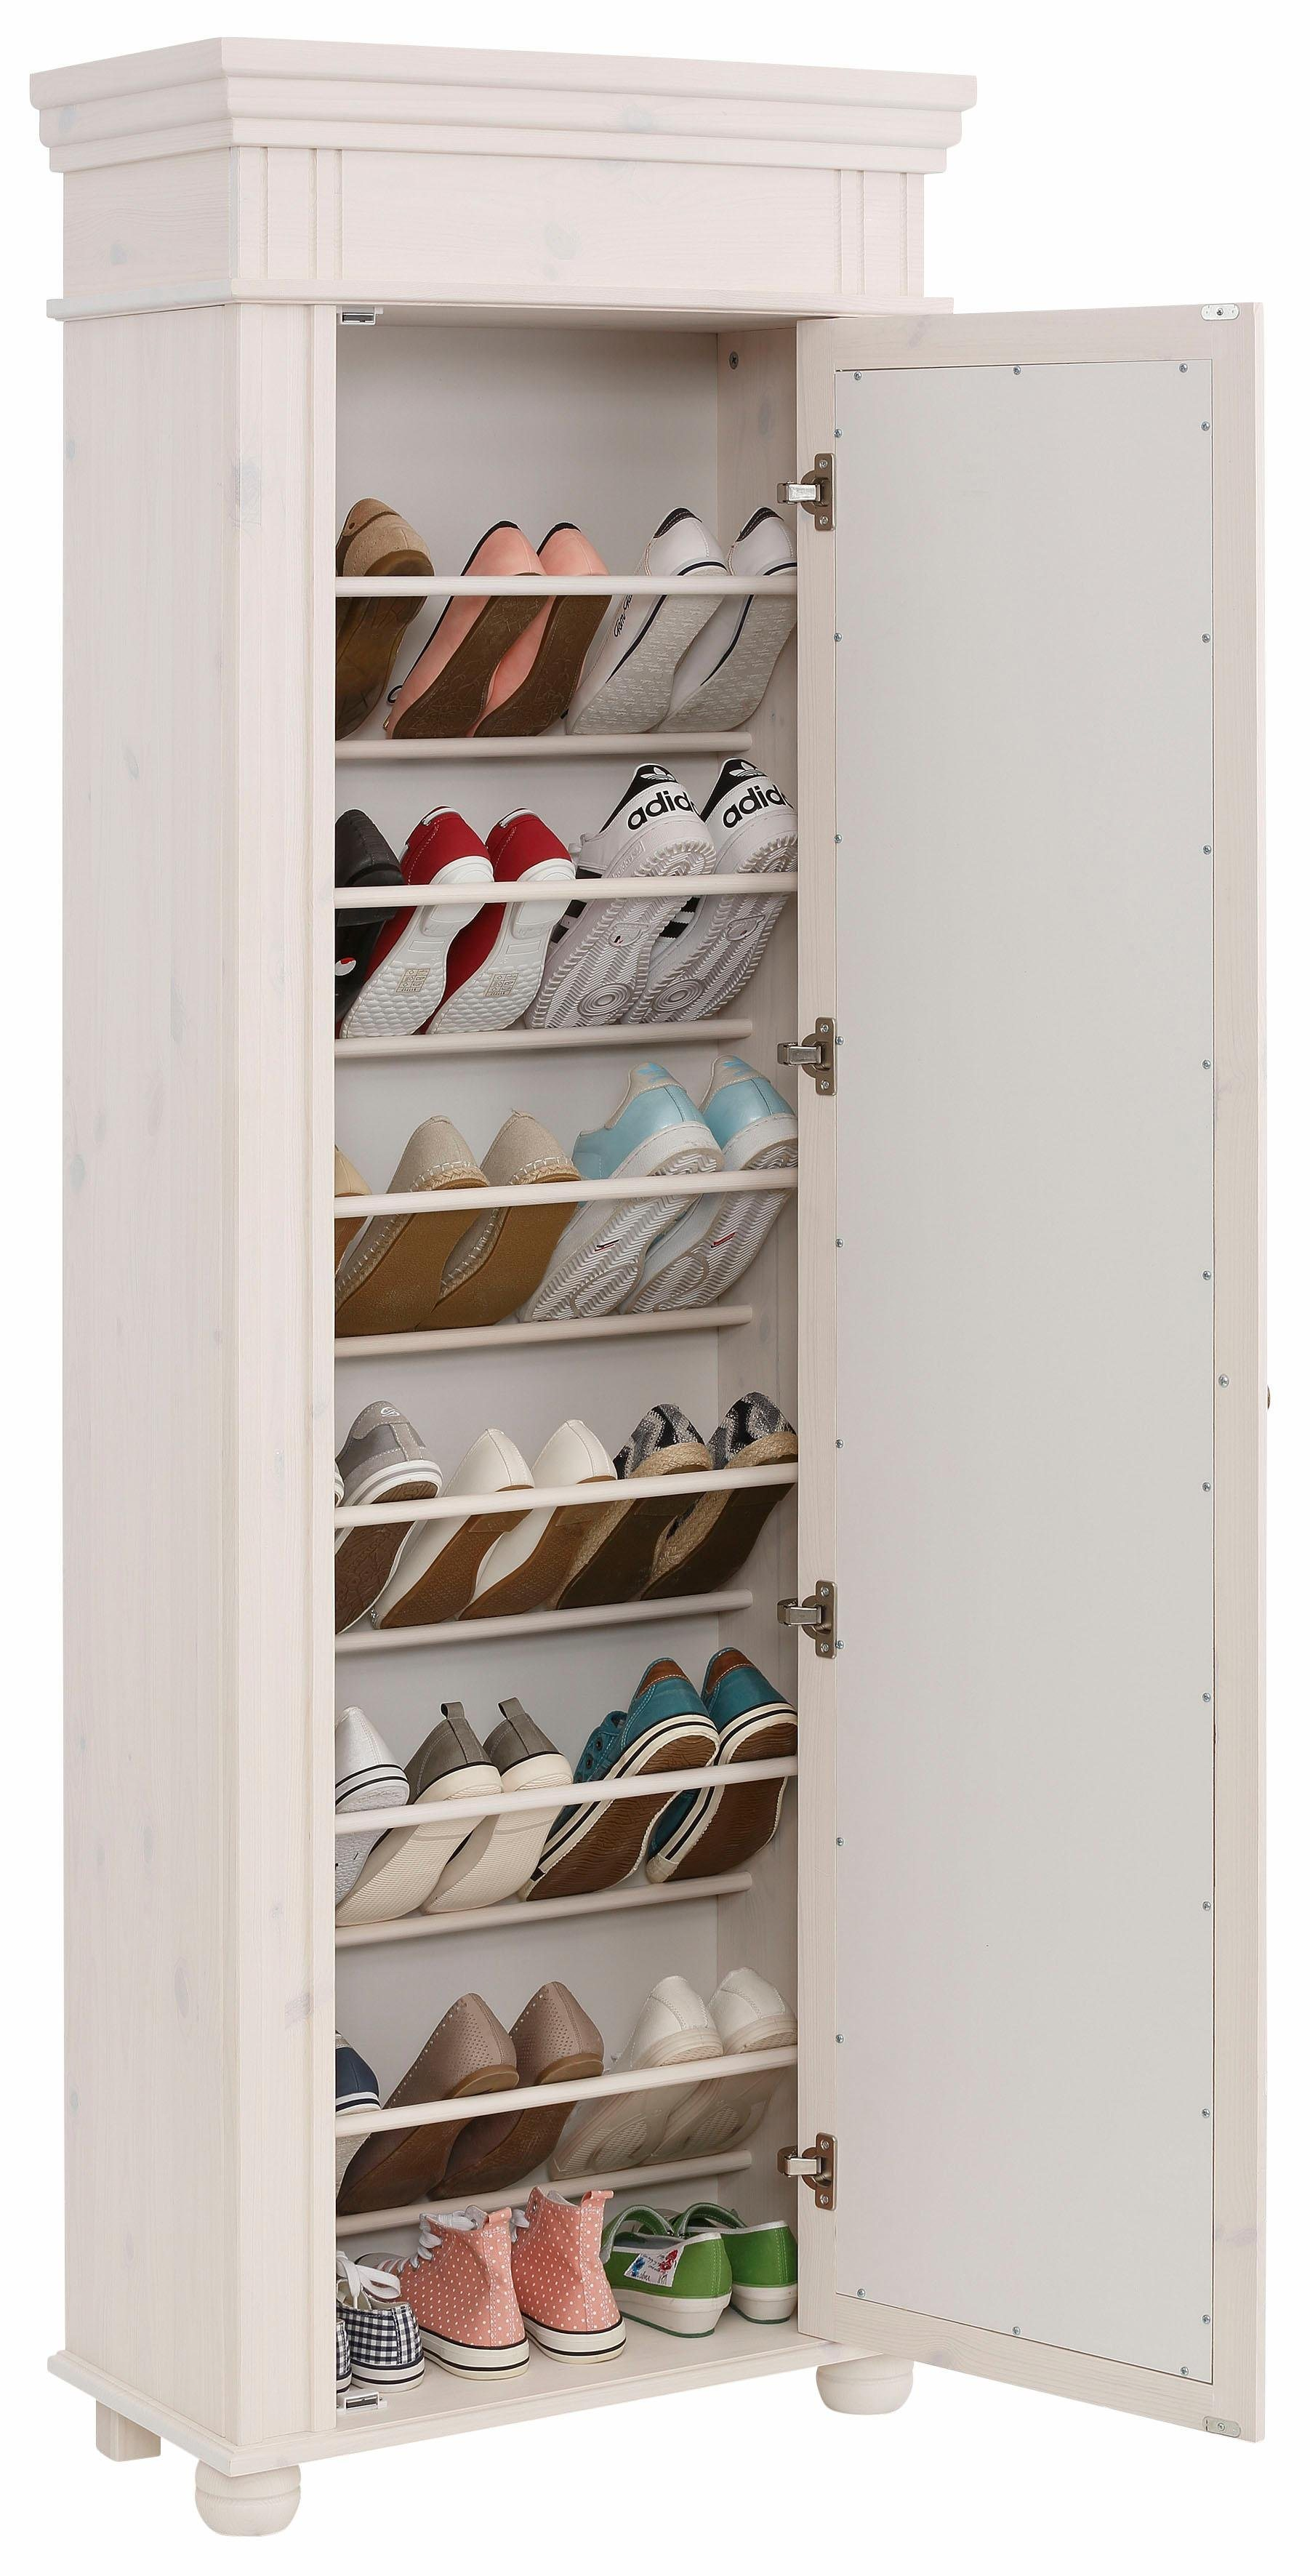 schuhschrank mit spiegel preisvergleich die besten angebote online kaufen. Black Bedroom Furniture Sets. Home Design Ideas